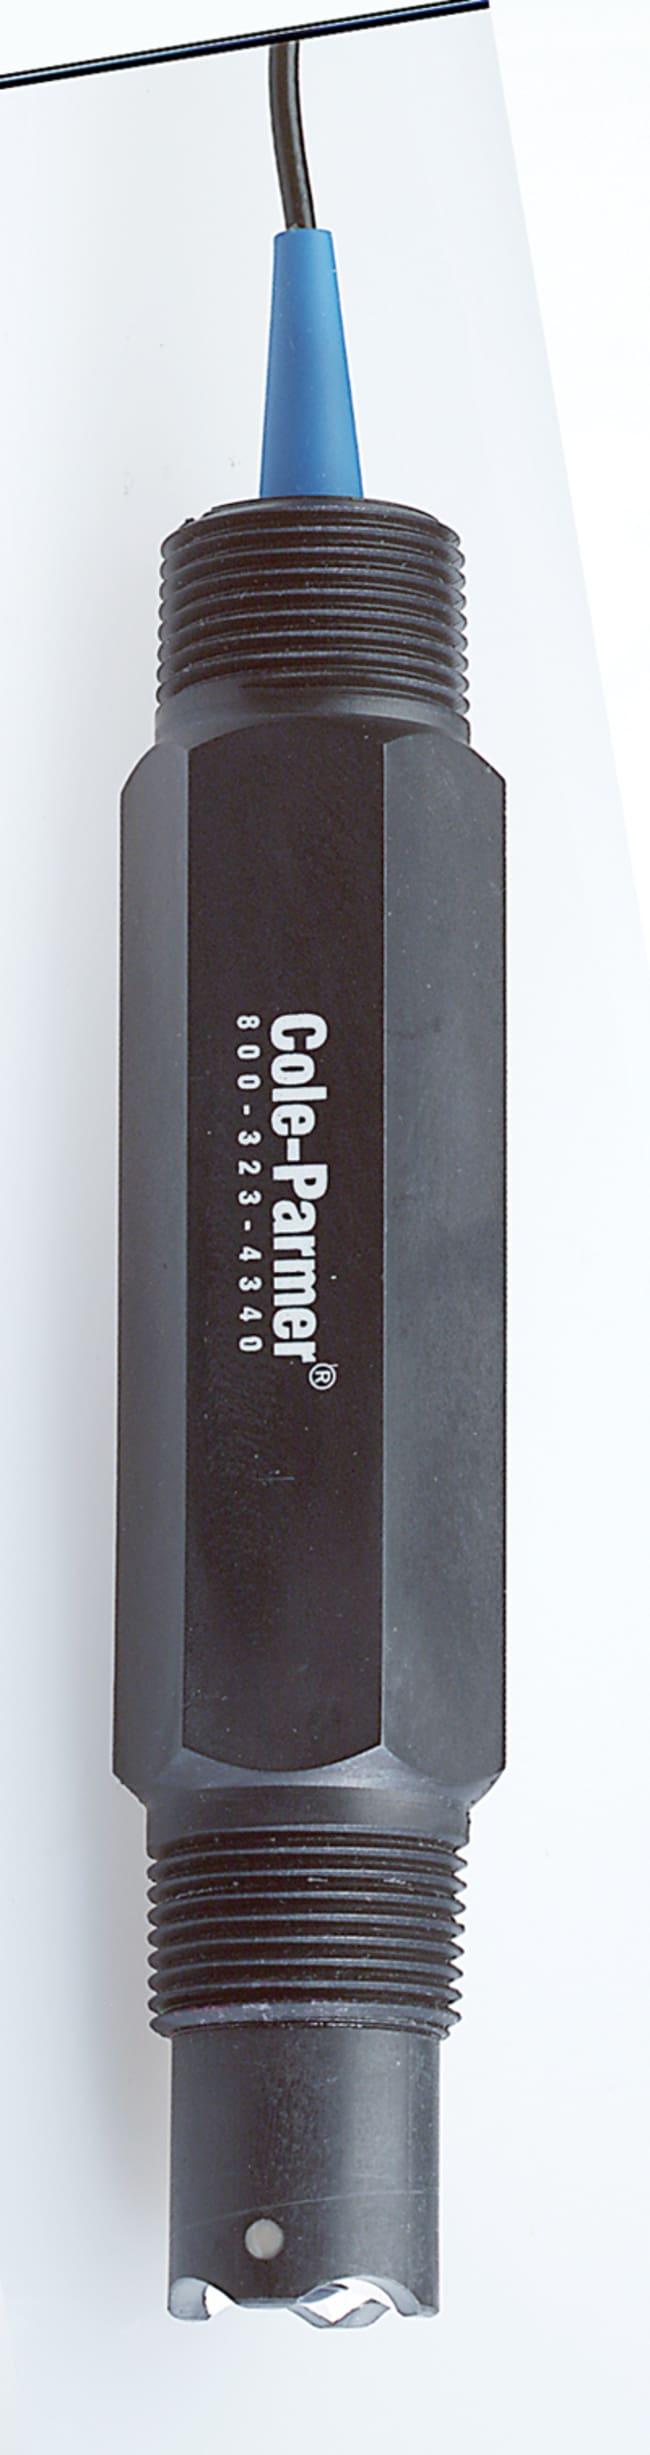 Cole-ParmerCole-Parmer Tuff-Tip pH Electrode 100 Ohm PT RTD(Mini Audio